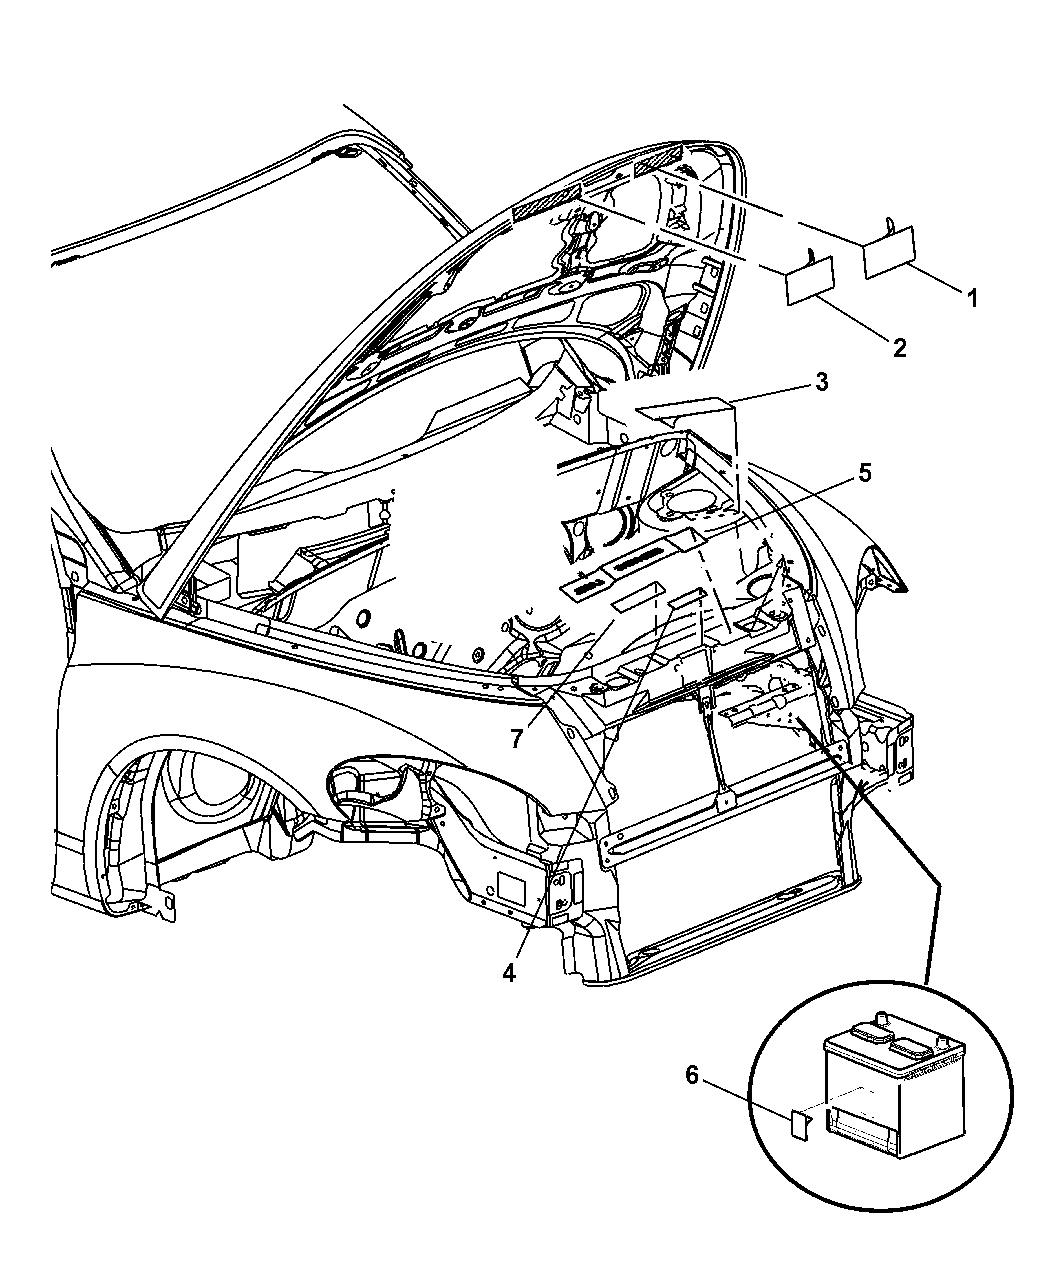 2006 Pt Cruiser Engine Diagram Wiring Diagram Sit Make Sit Make Cfcarsnoleggio It